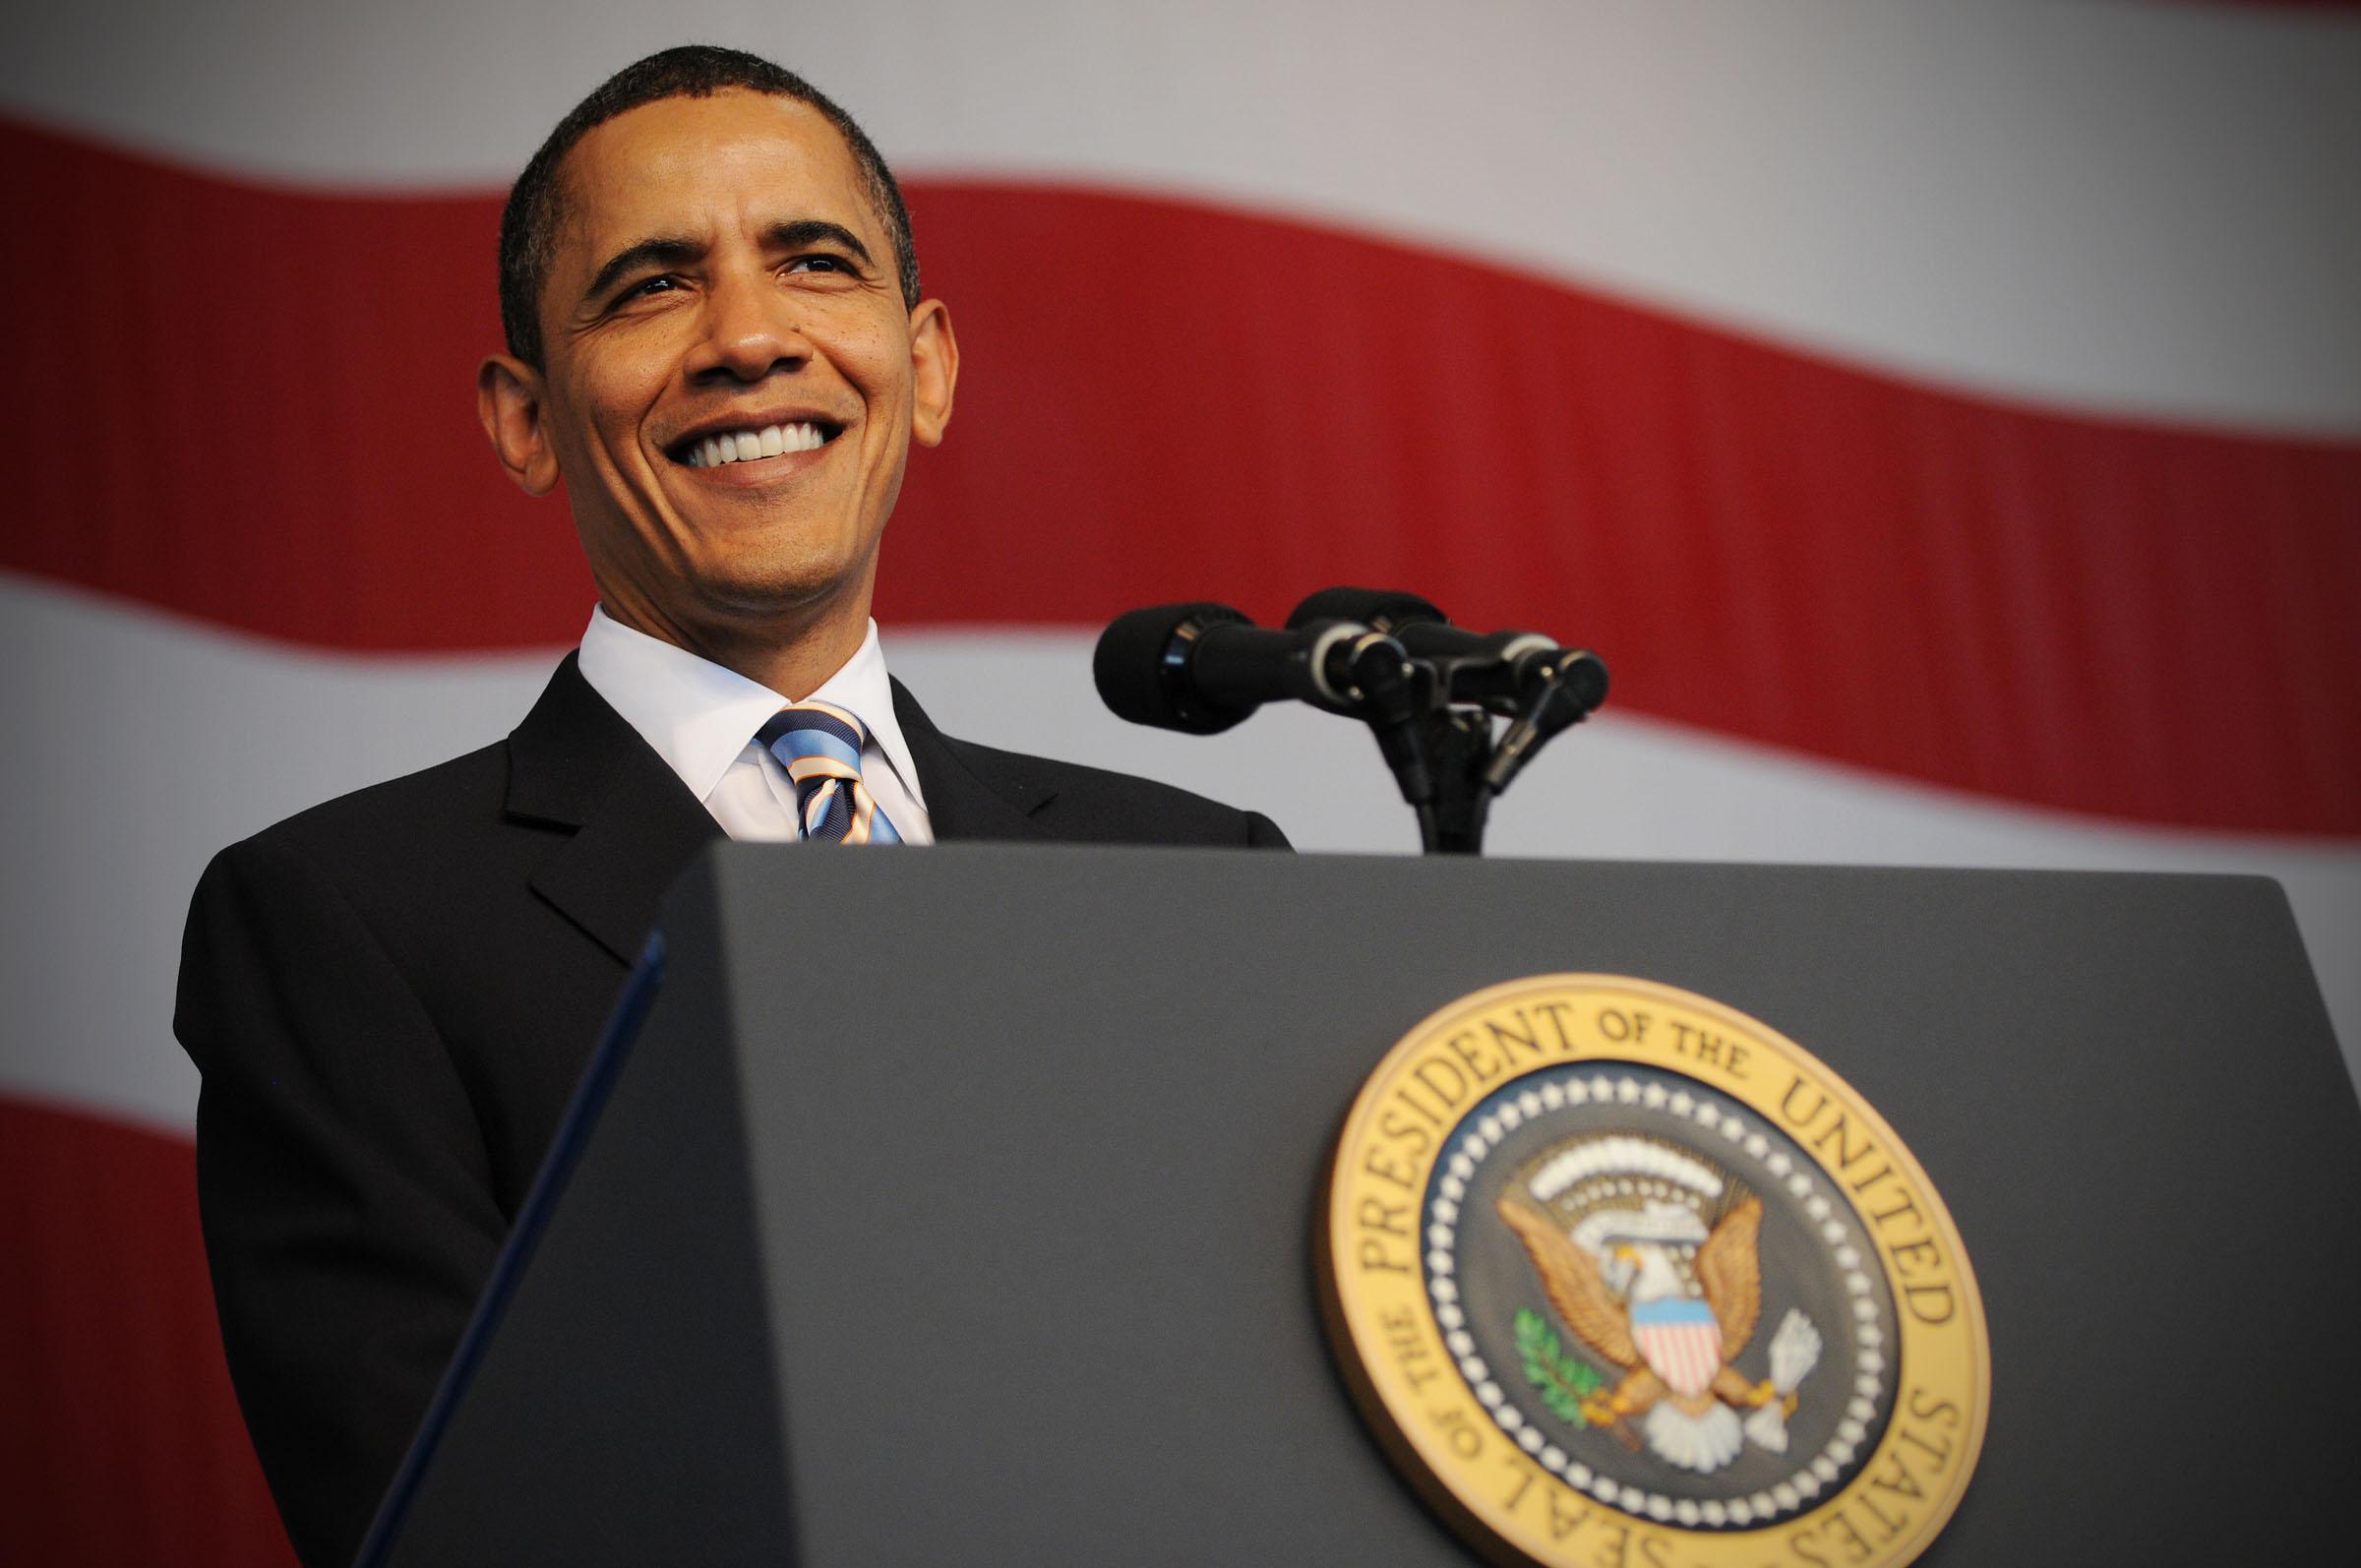 Barack Obama Image - Barack Obama, Transparent background PNG HD thumbnail